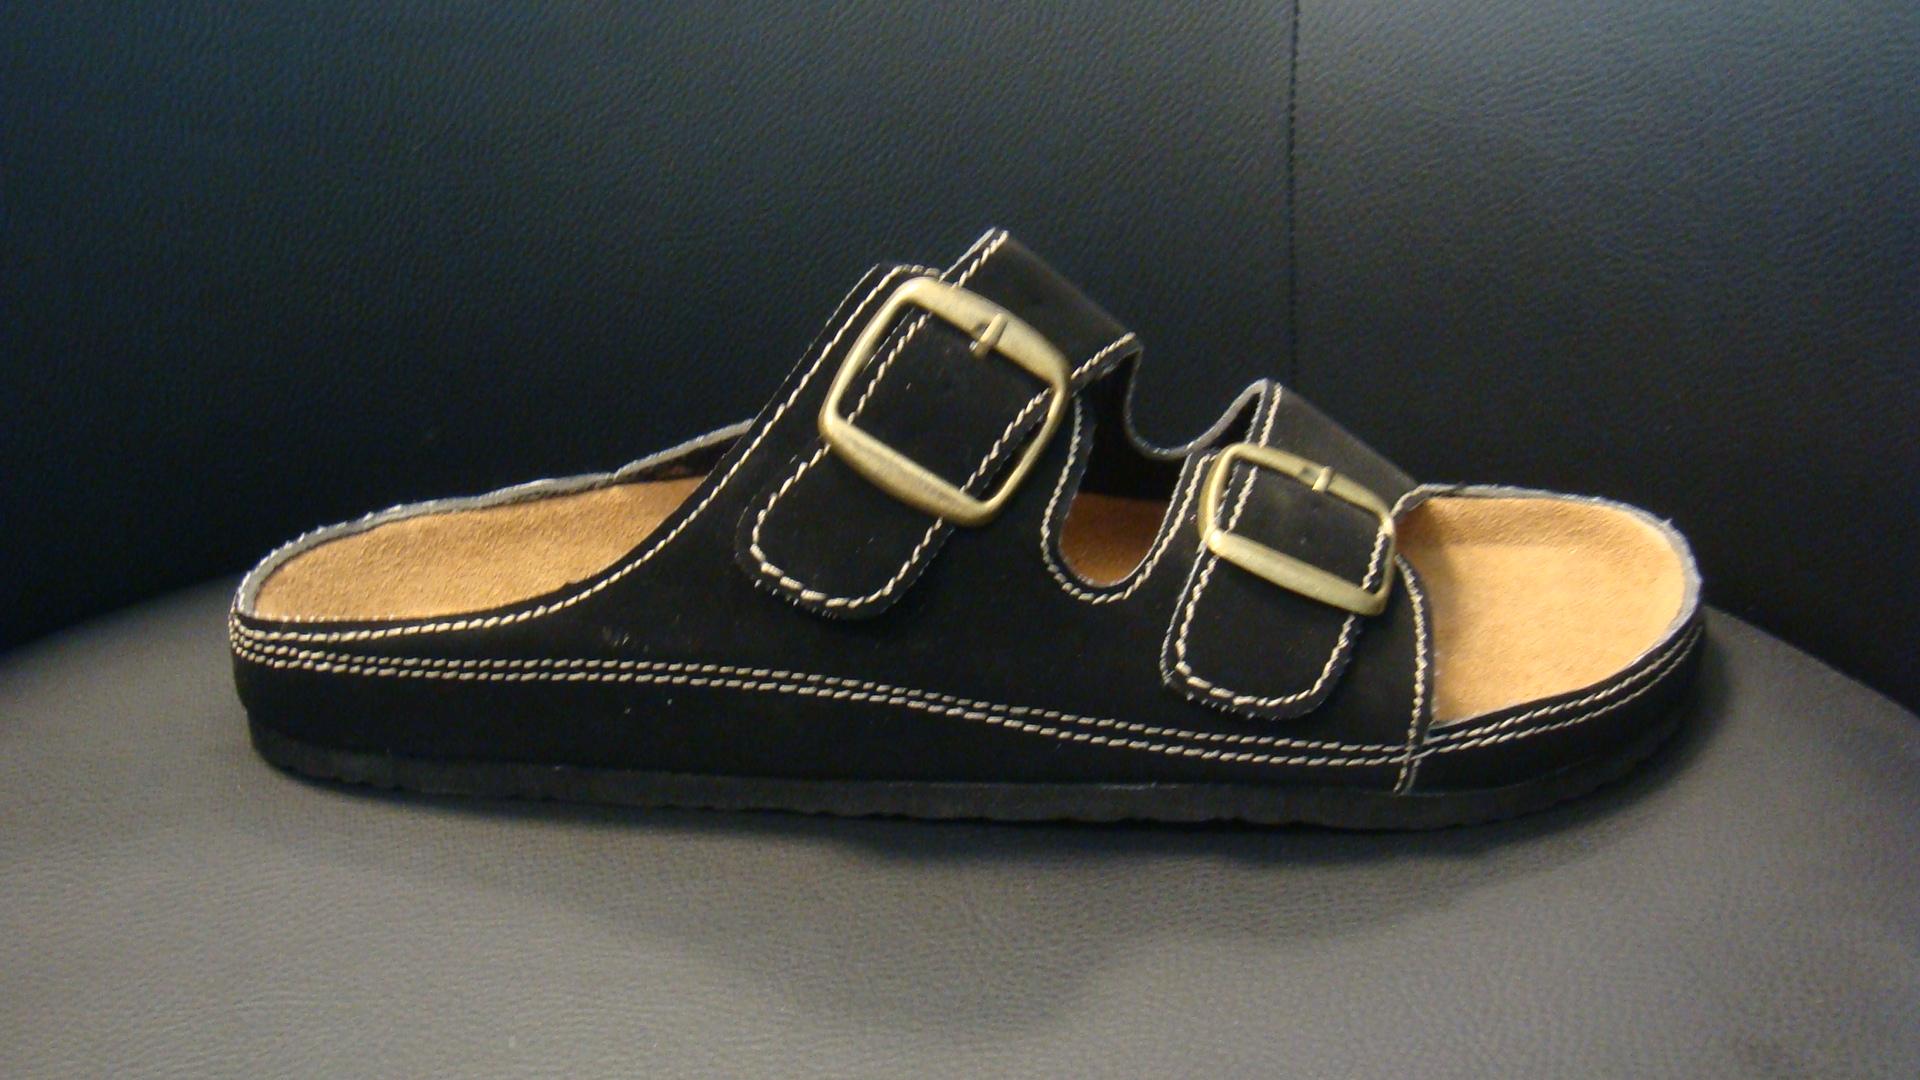 Adidas Yeezy Boost 350 V2 Blue Tint Deutschland Schuhe Preis